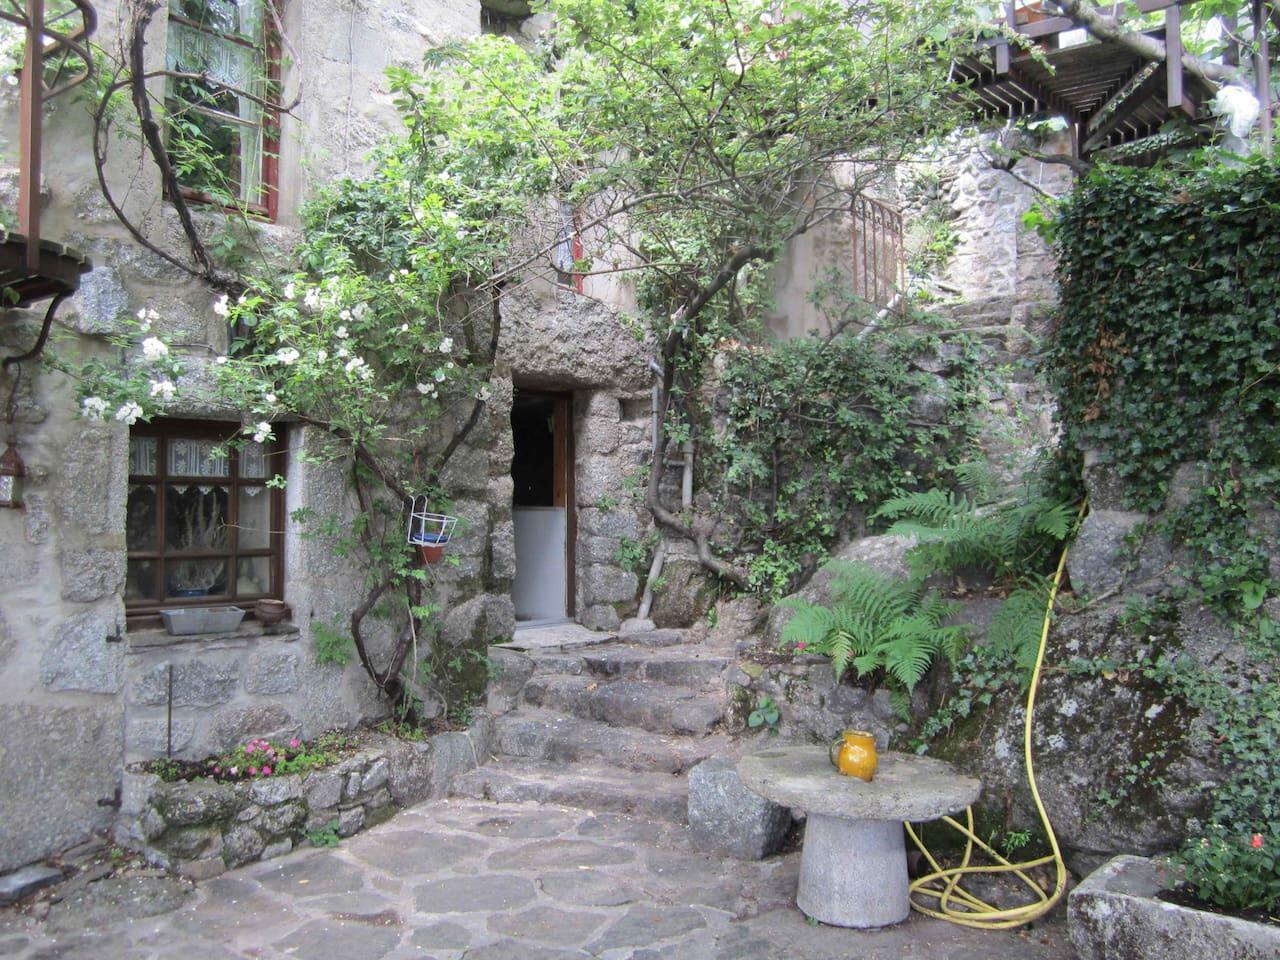 Le gîte se trouve à l'étage sous les toits avec chambres mansardées avec son propre accès avec terrasse.